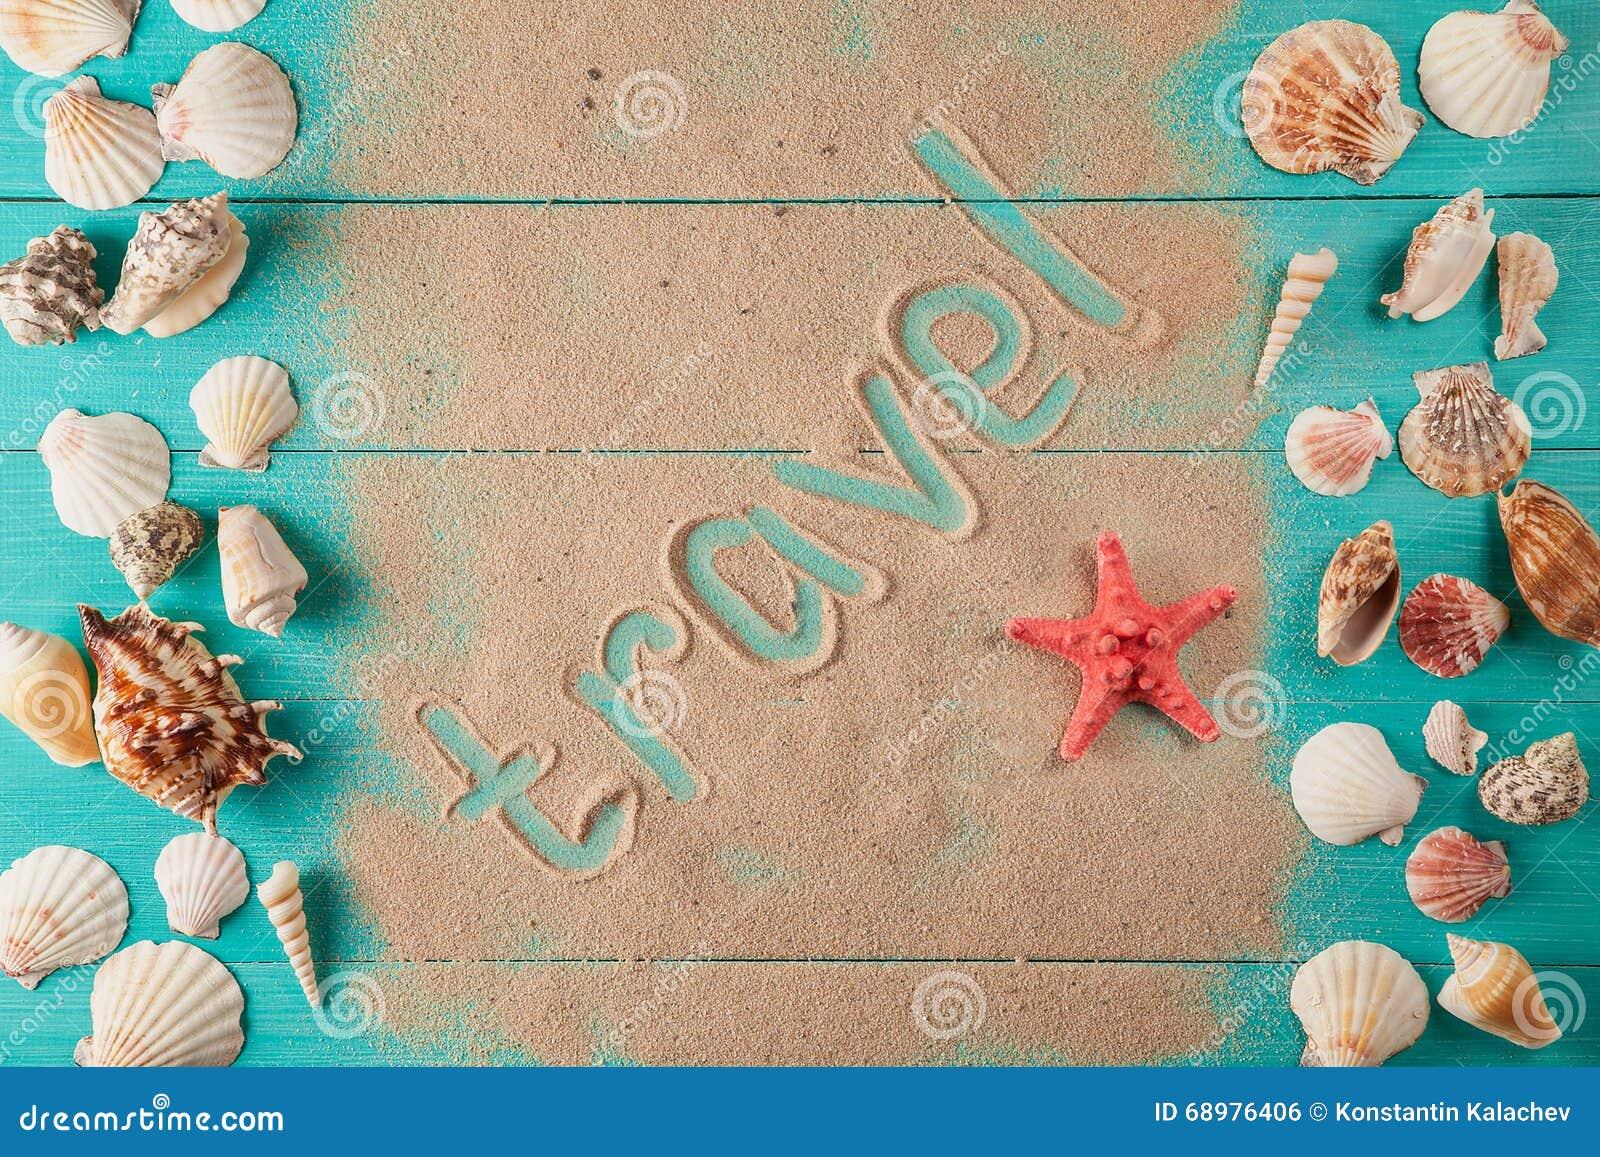 Viaje de la palabra escrito en la arena entre conchas marinas